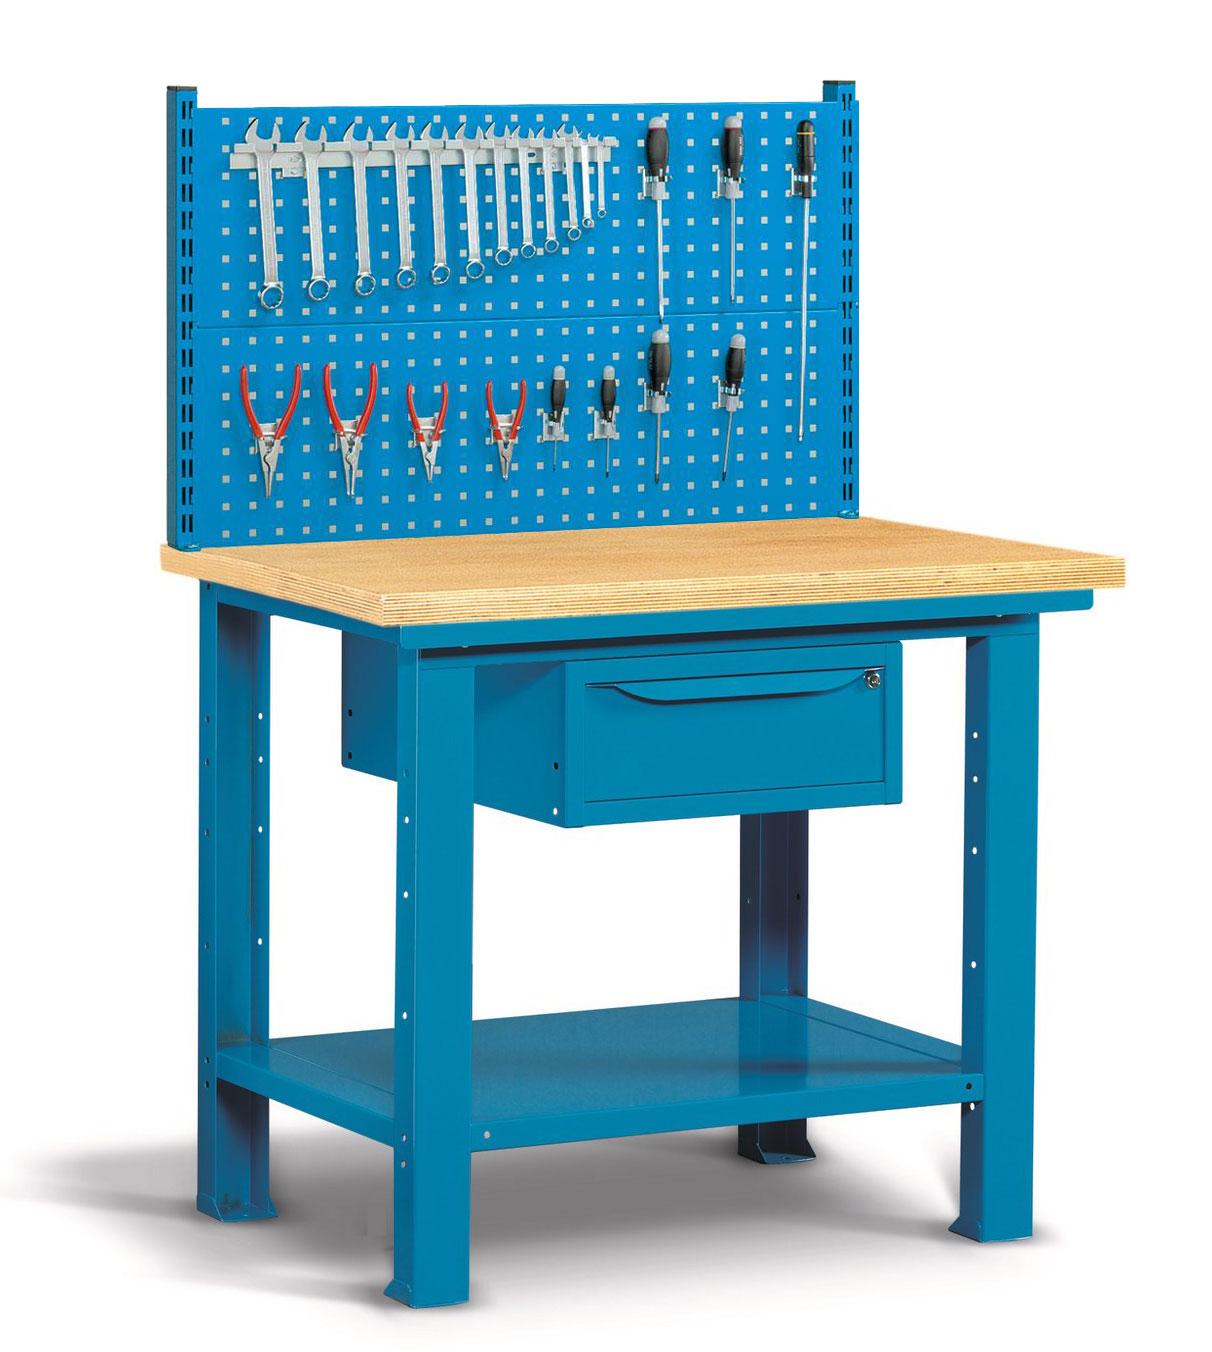 Etabli avec panneau perforé porte-outils 1 mètre